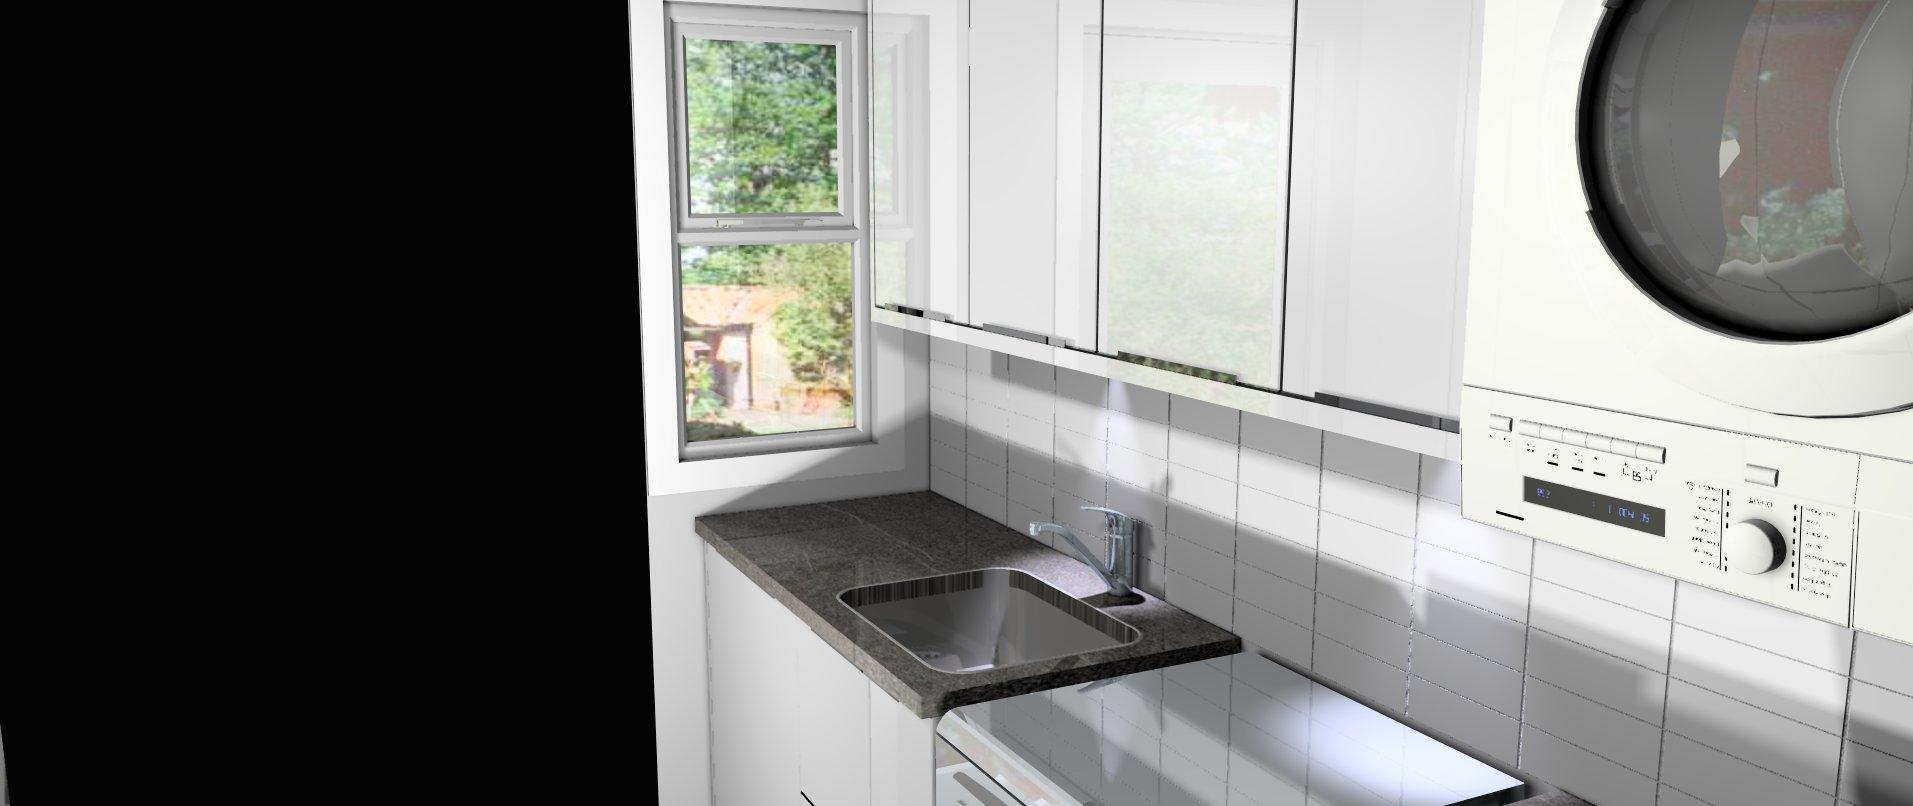 Kitchens Laundry 39 S Rachel Evans Design Christchurch